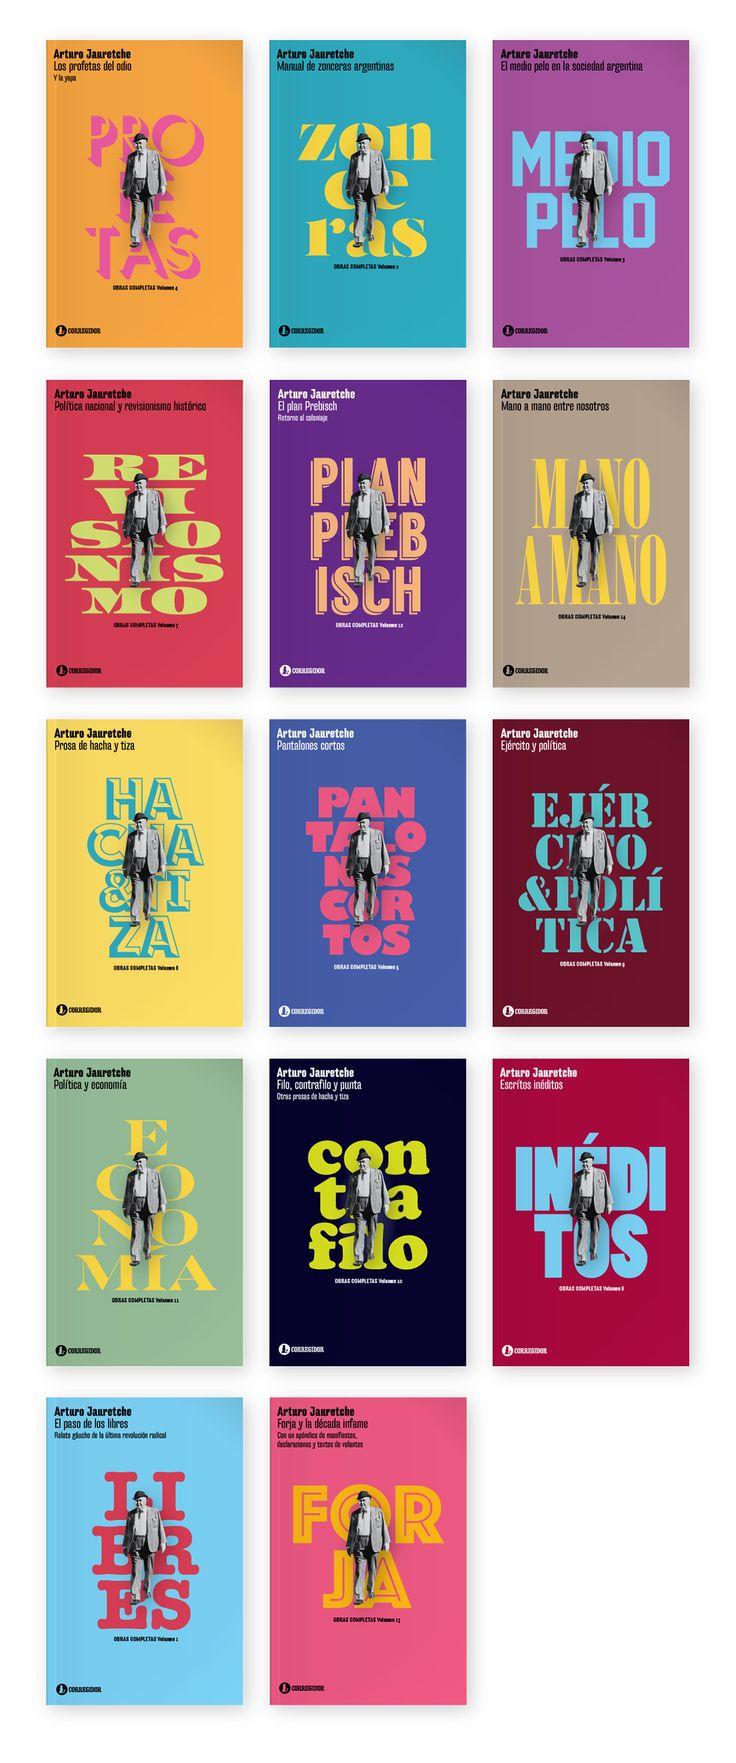 Obras Completas de Arturo Jauretche on Behance